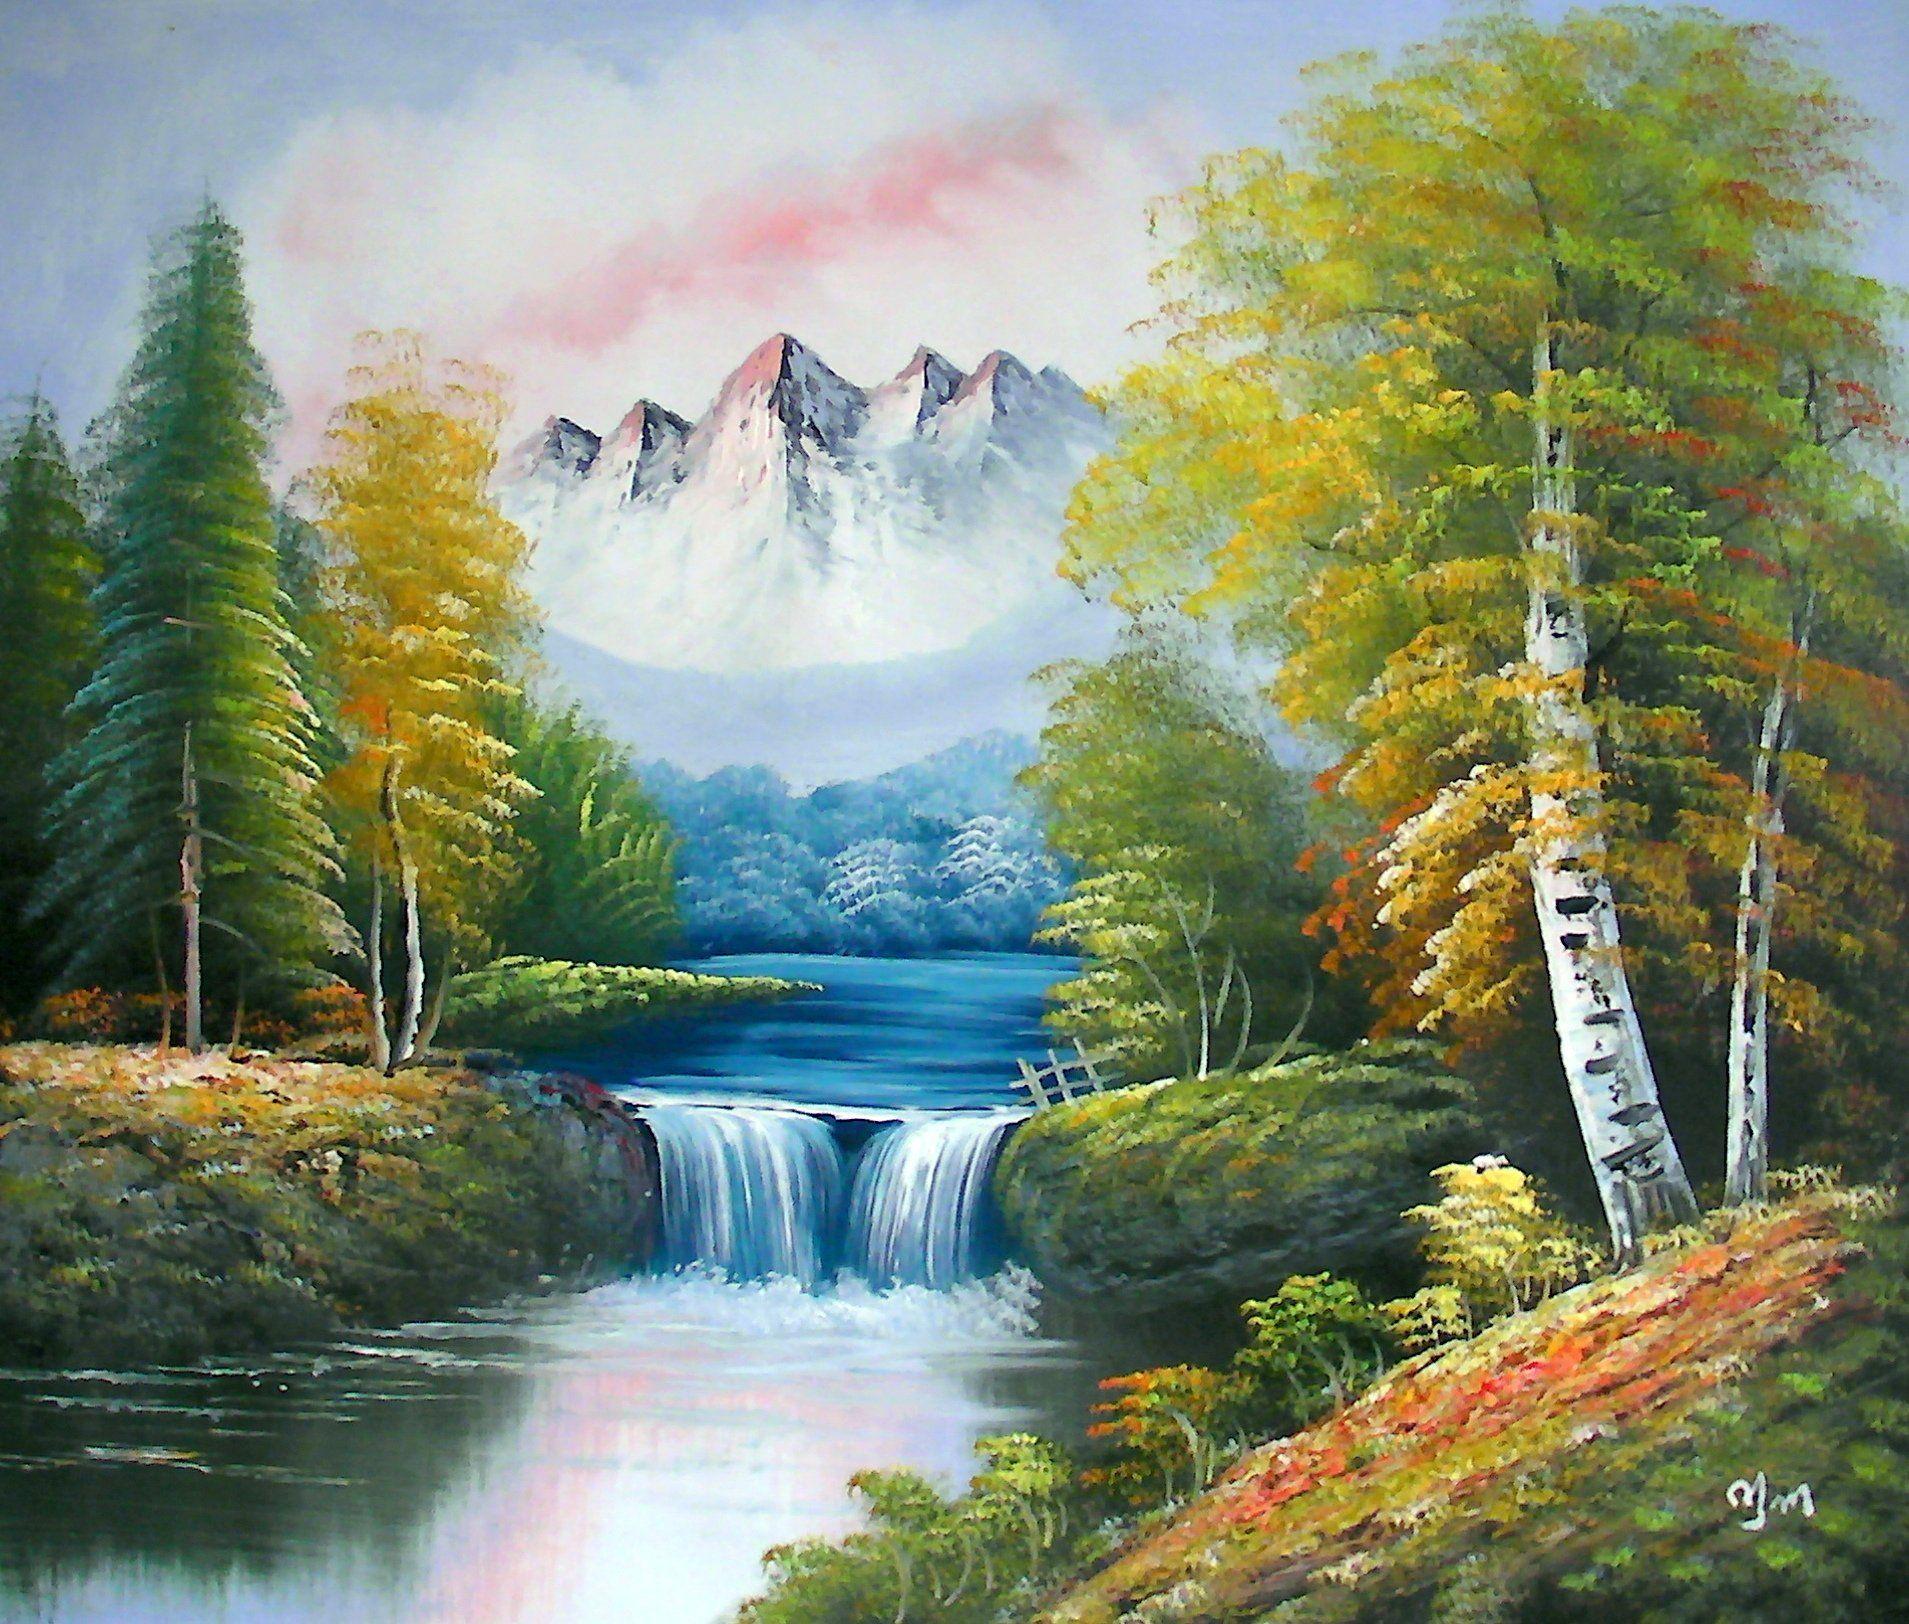 Gro e kunst l auf leinwand malen natur bergkulisse hervorragende qualit t und handwerkskunst - Malen auf leinwand ...